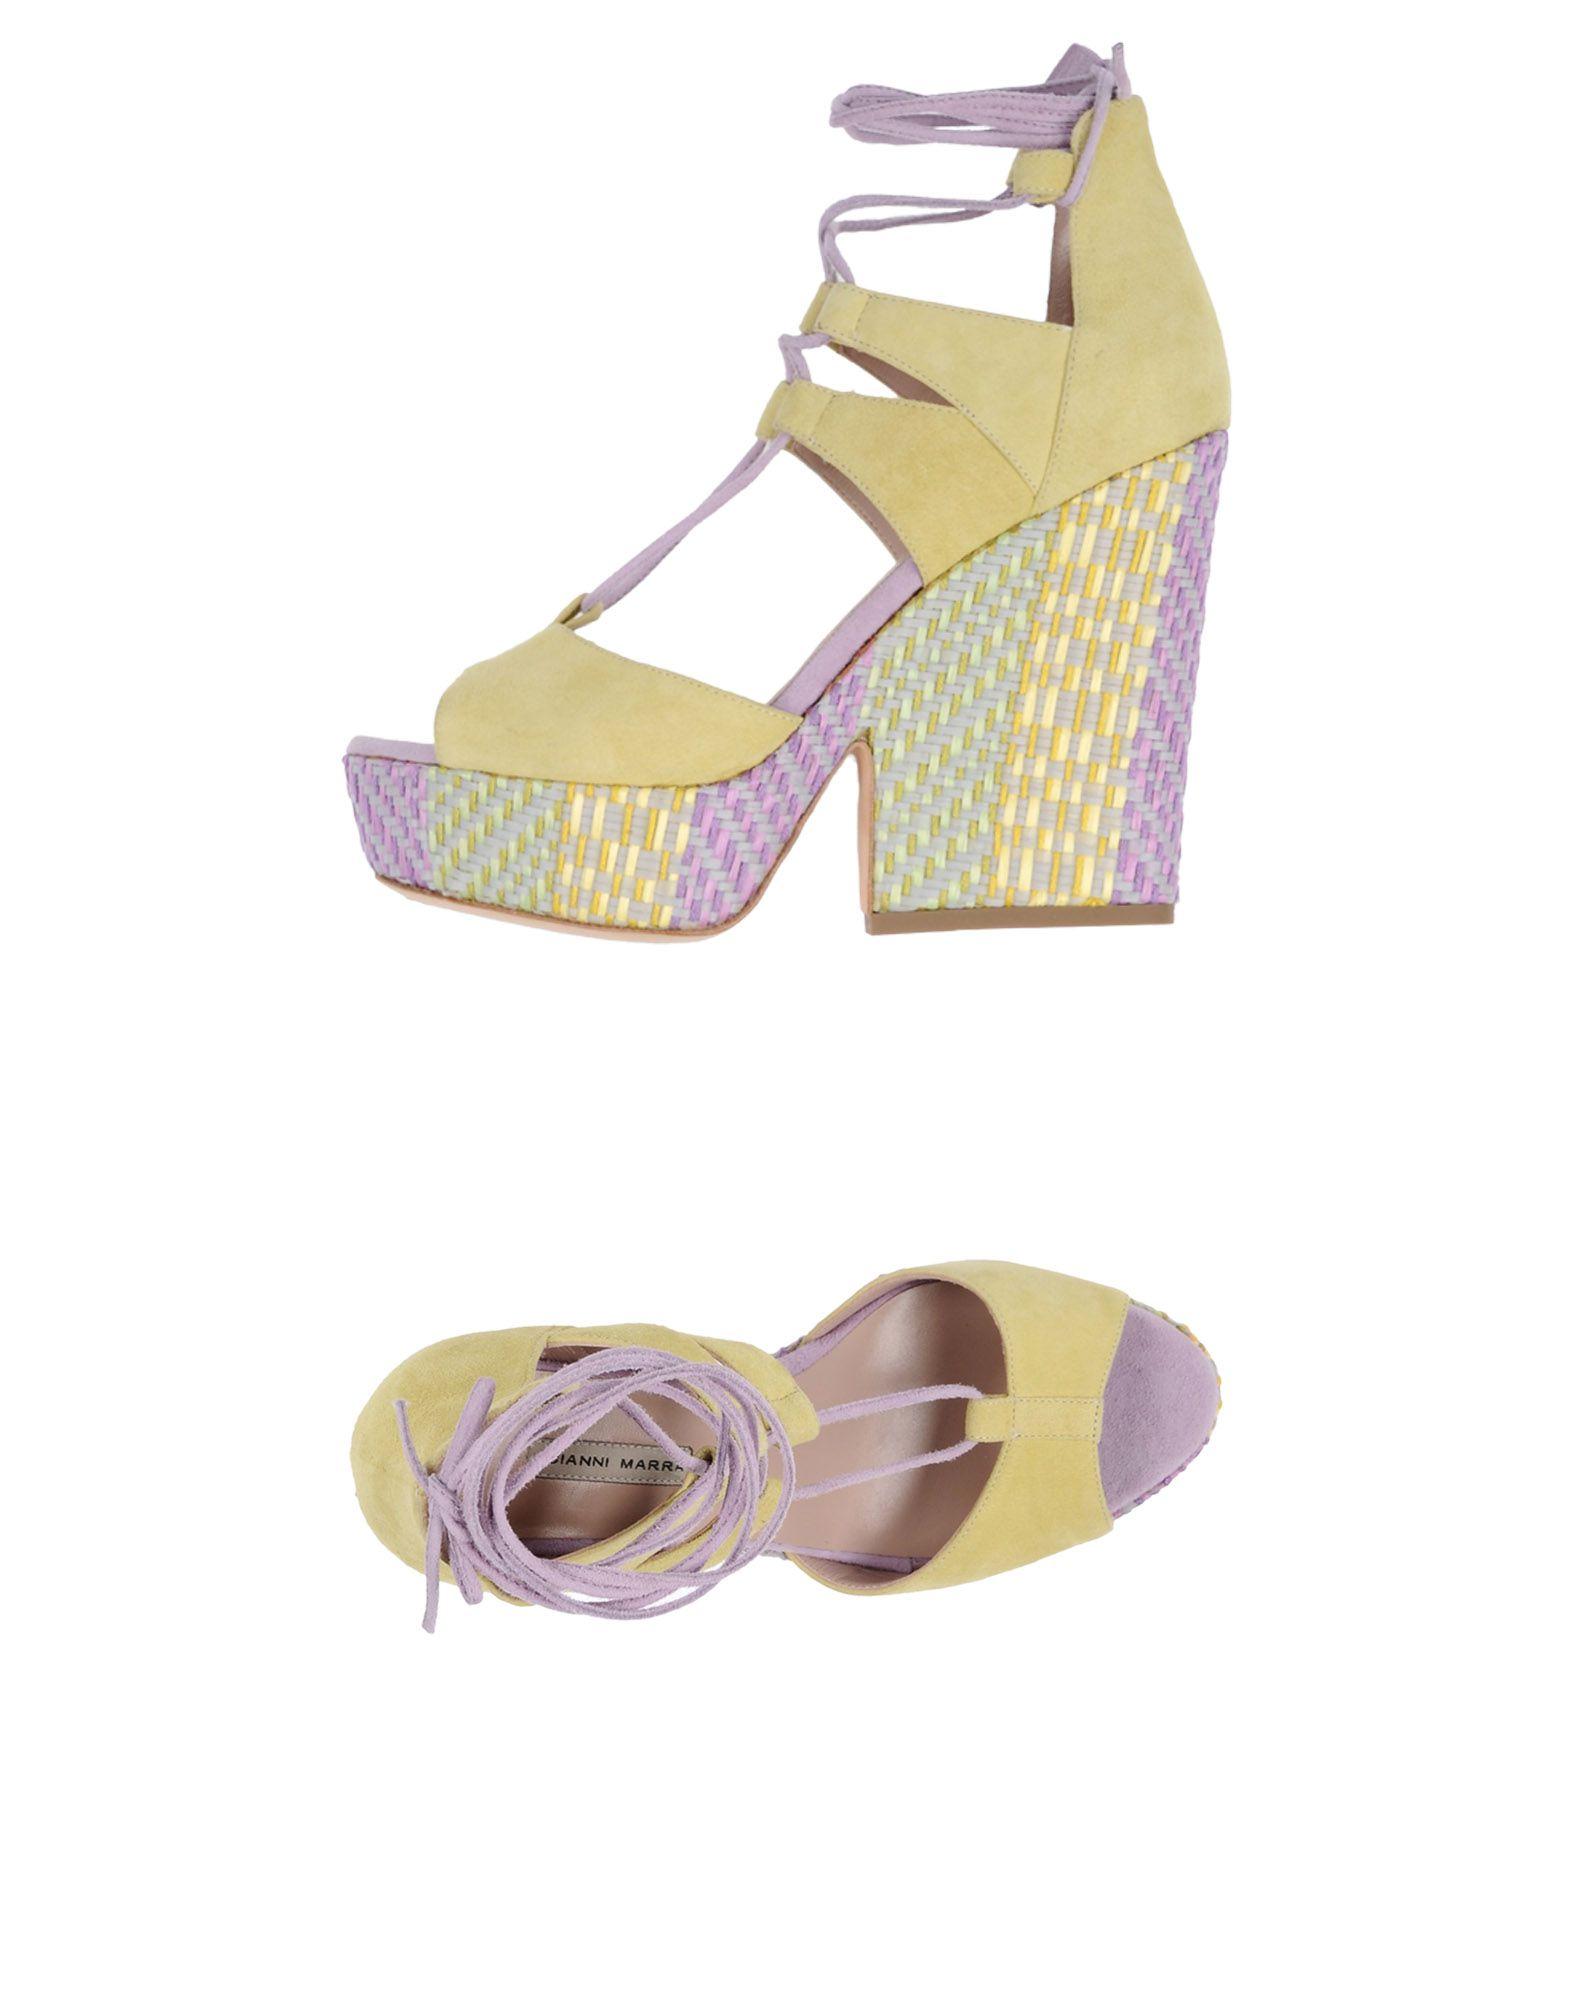 Gianni Marra Sandalen Damen  11409540KD beliebte Gute Qualität beliebte 11409540KD Schuhe 61511d